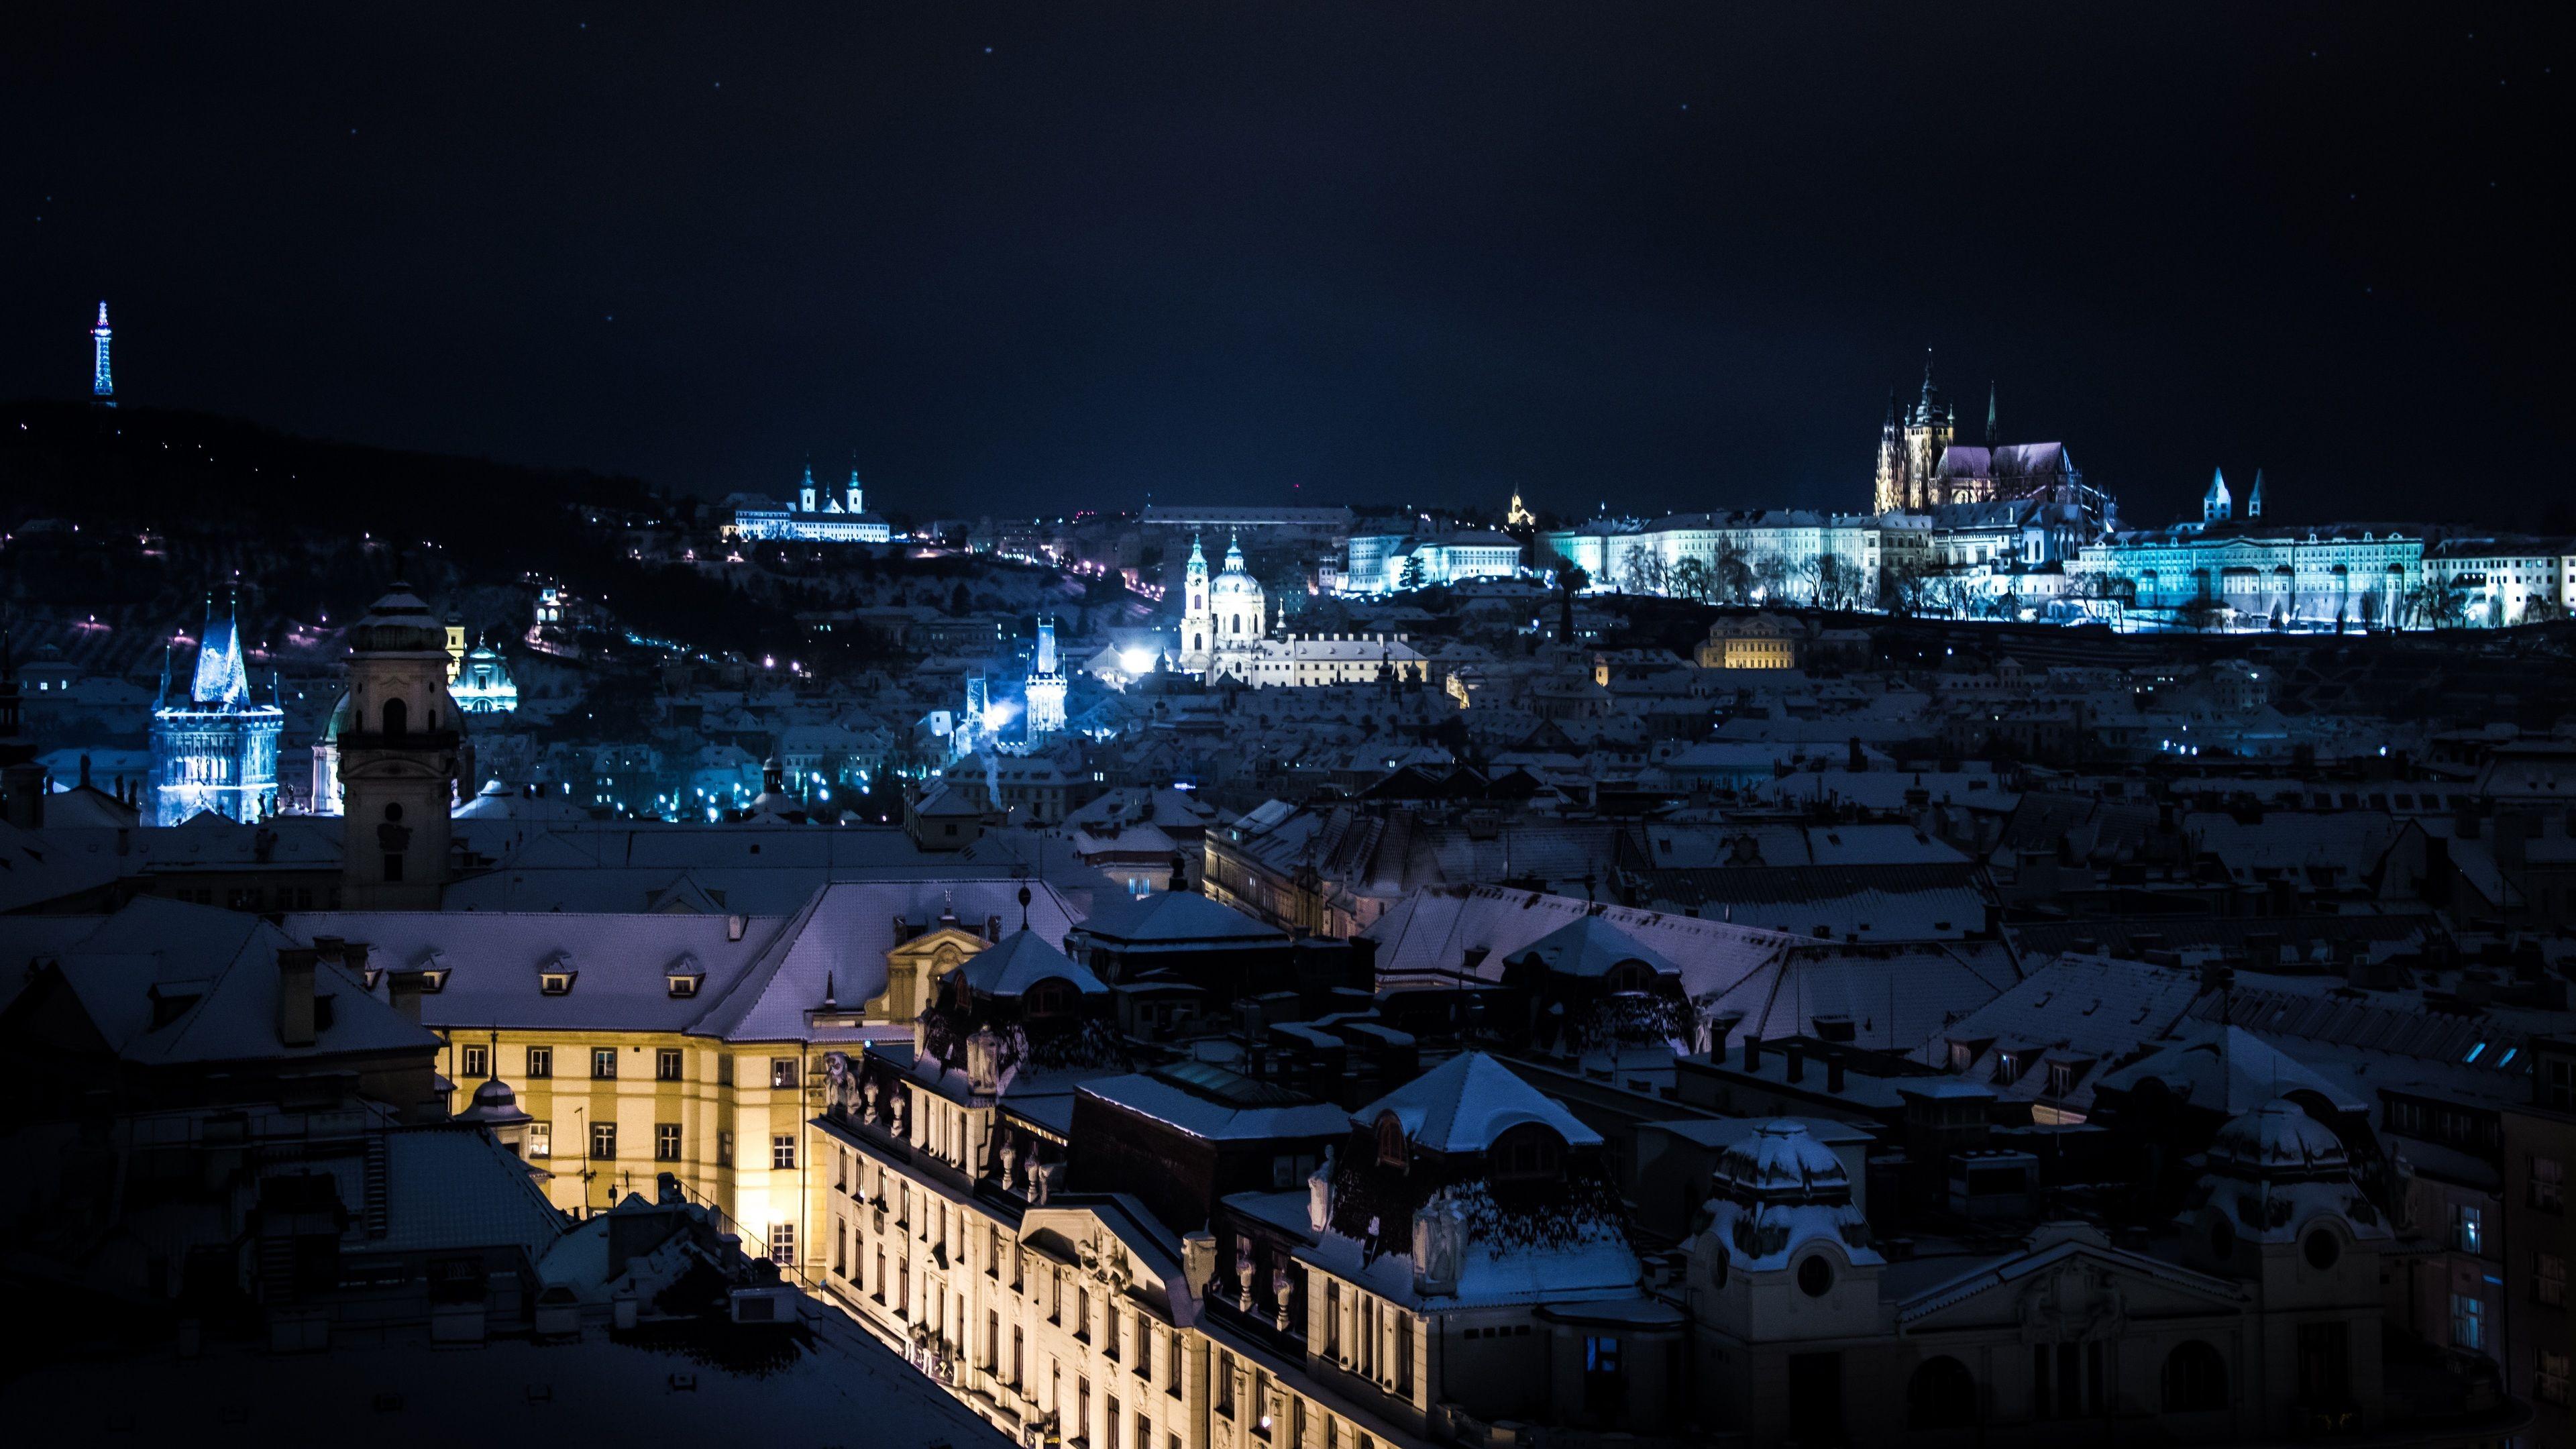 """Tour """"Die Stadt bei Nacht mit ihren beleuchteten Sehenswürdigkeiten&qu..."""